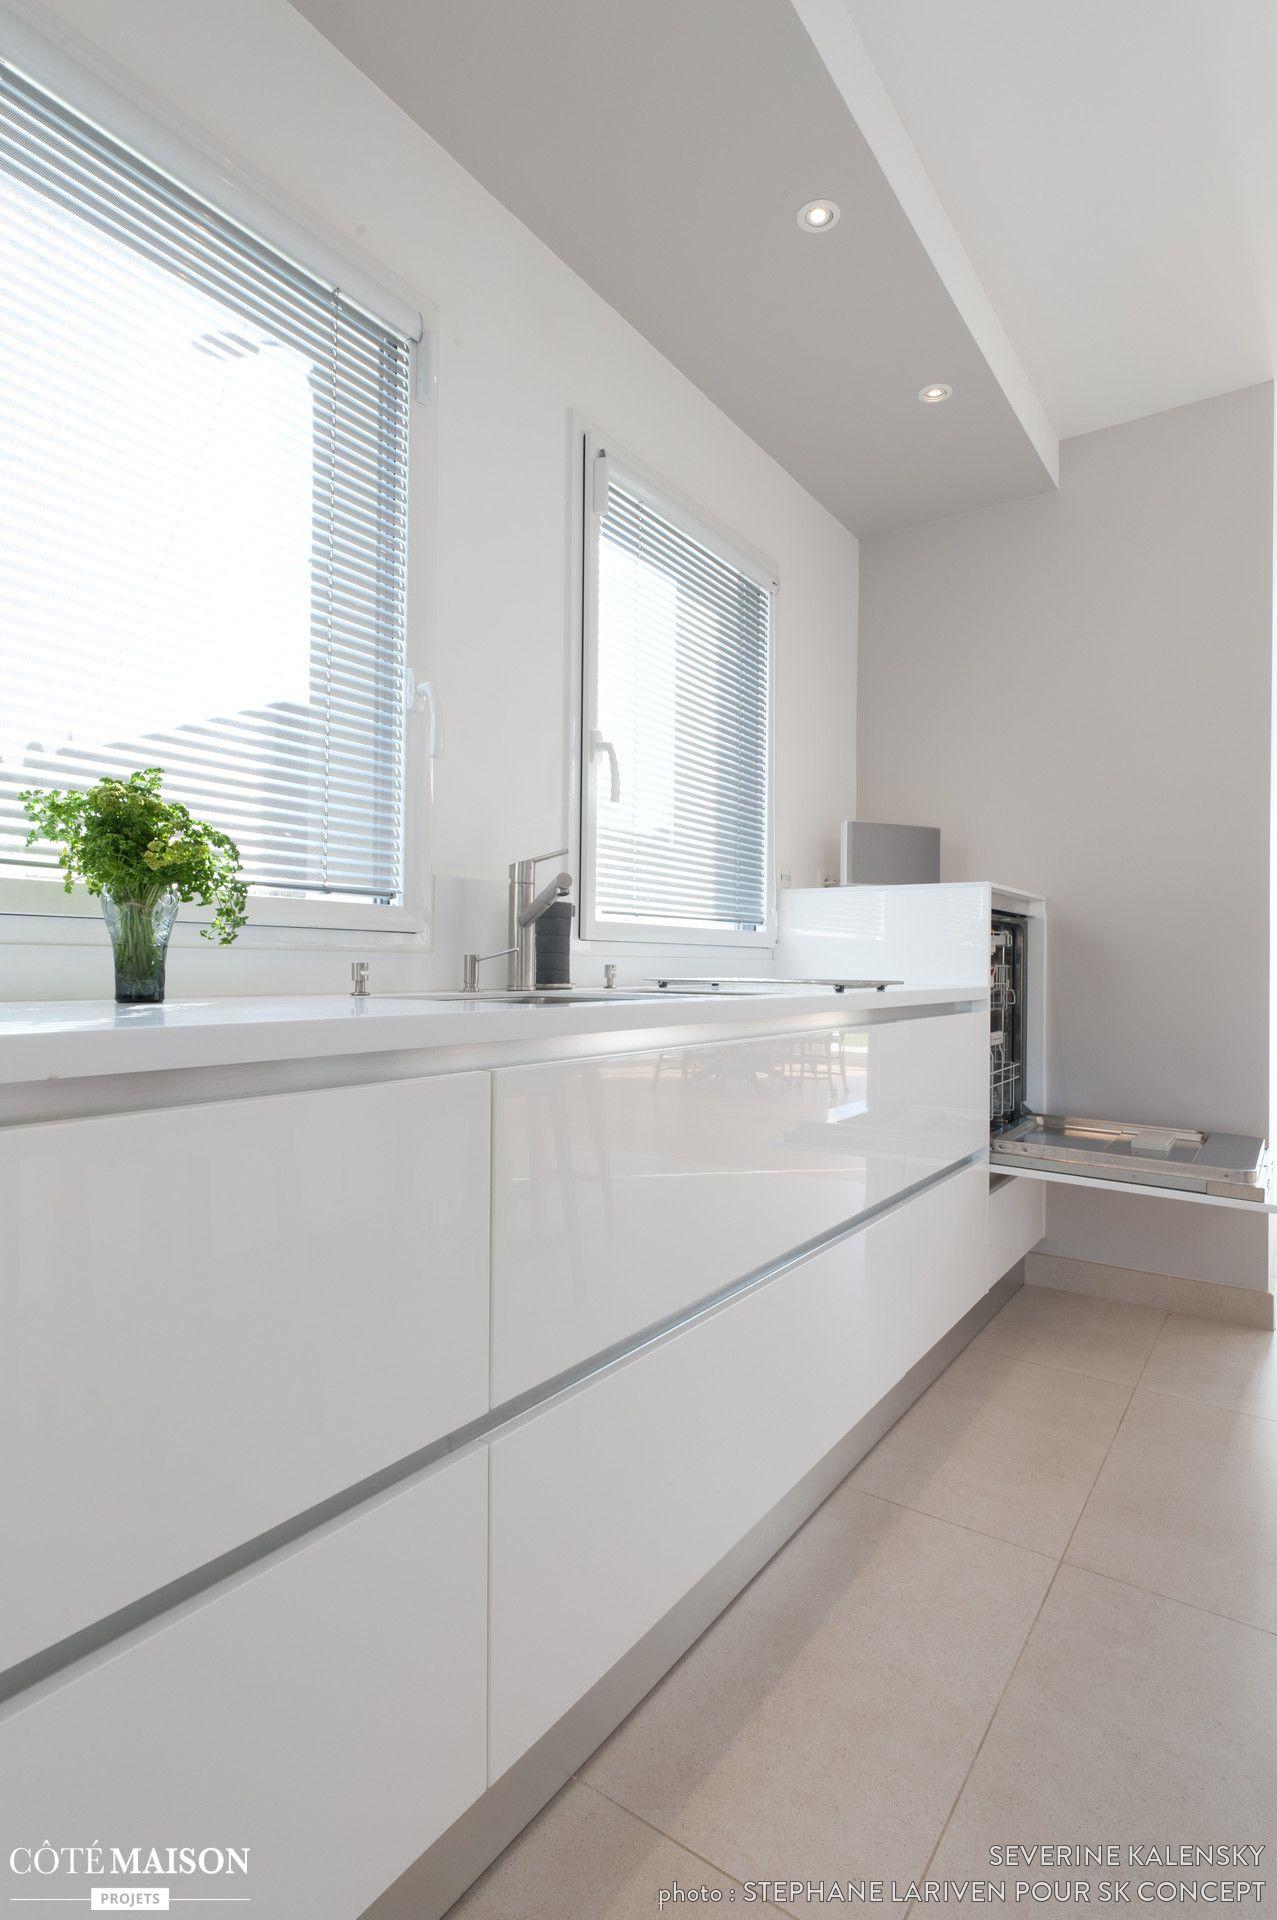 Projet cuisine design italien total look blanc avec îlot central ...